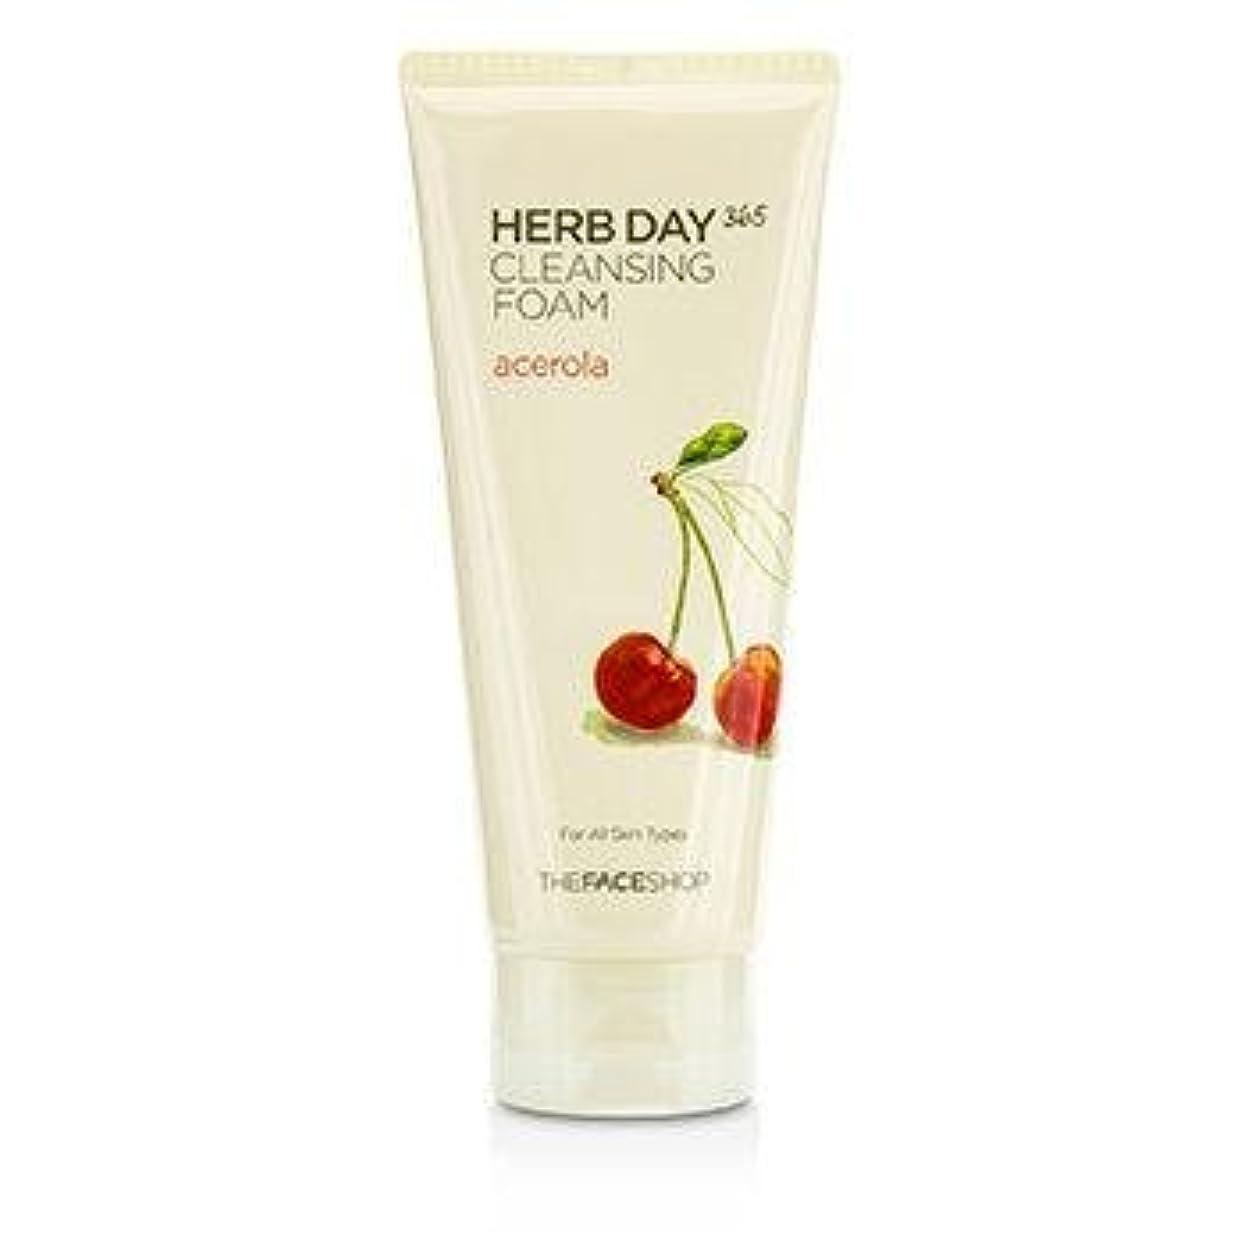 舗装するホステス排除THE FACE SHOP Herb Day 365 Cleansing Foam Acerola (並行輸入品)